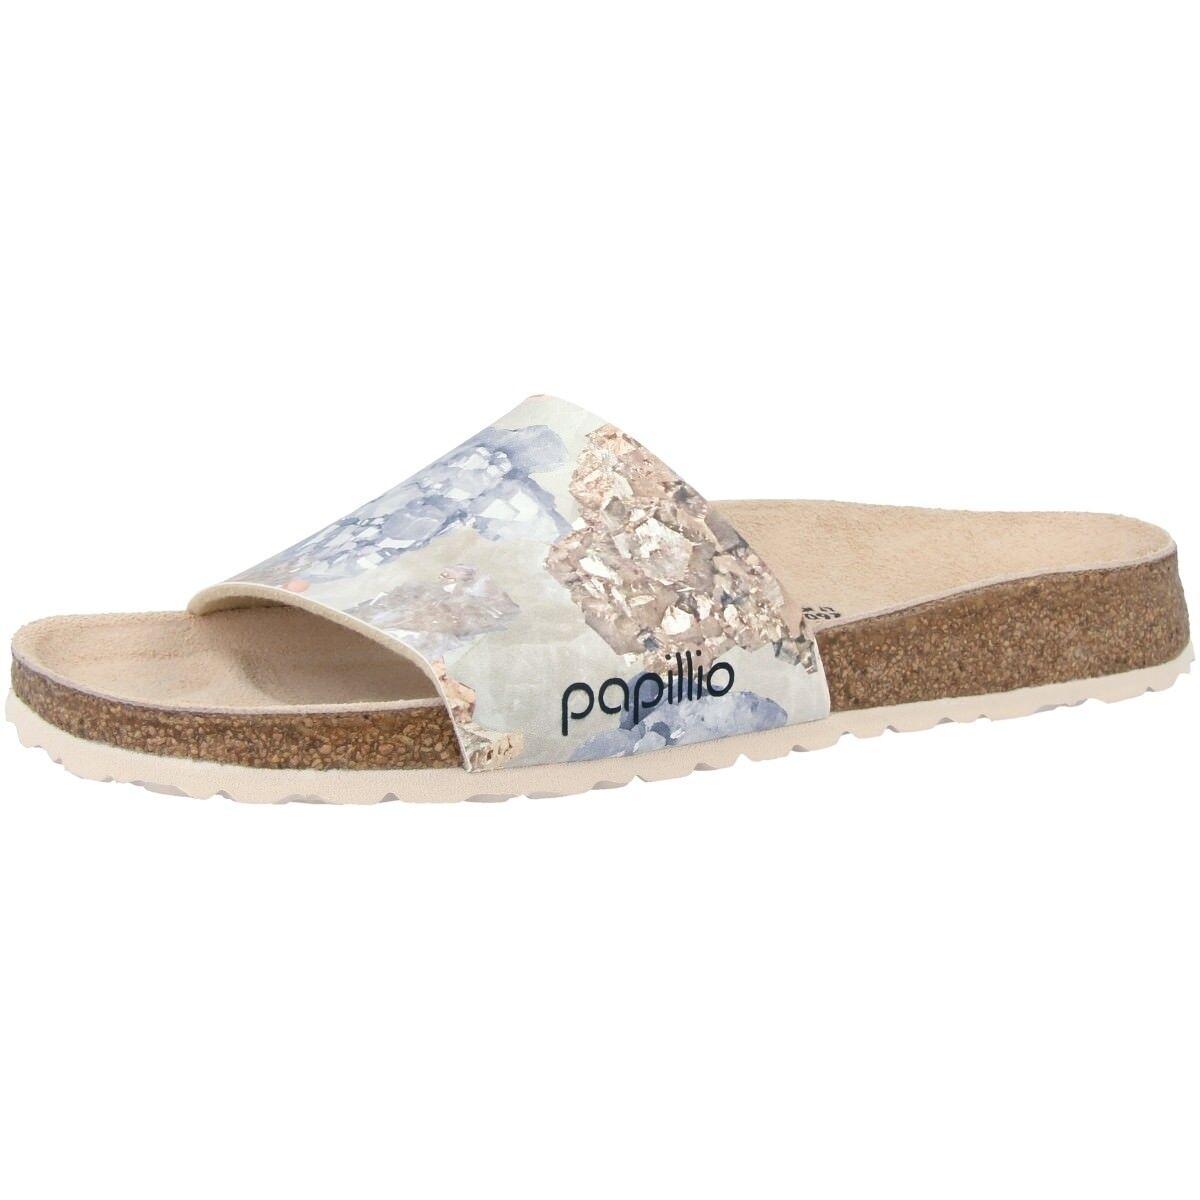 Birkenstock Papillio cora Birko flor zapatos sandalias ancho estrecho 1009061